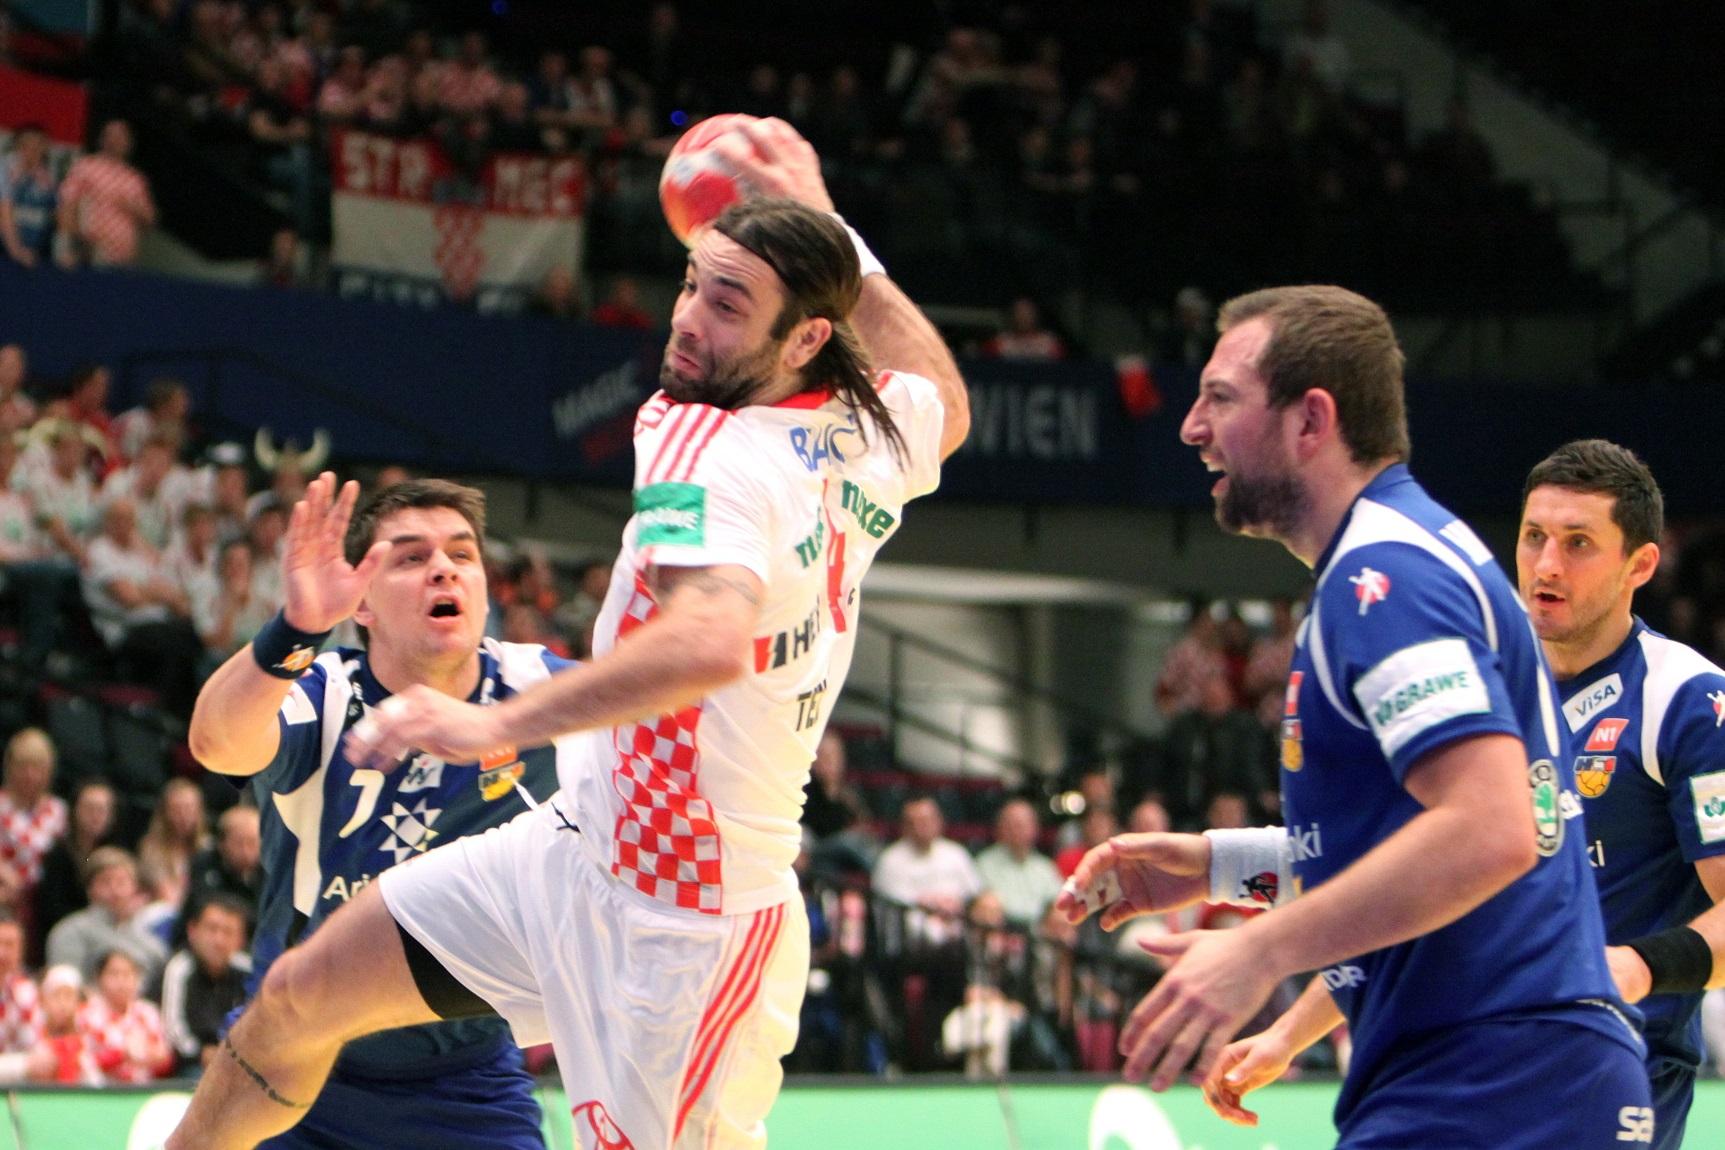 Balic lanza a portería en un Croacia-Islandia del Europeo de 2010 (GTRES).